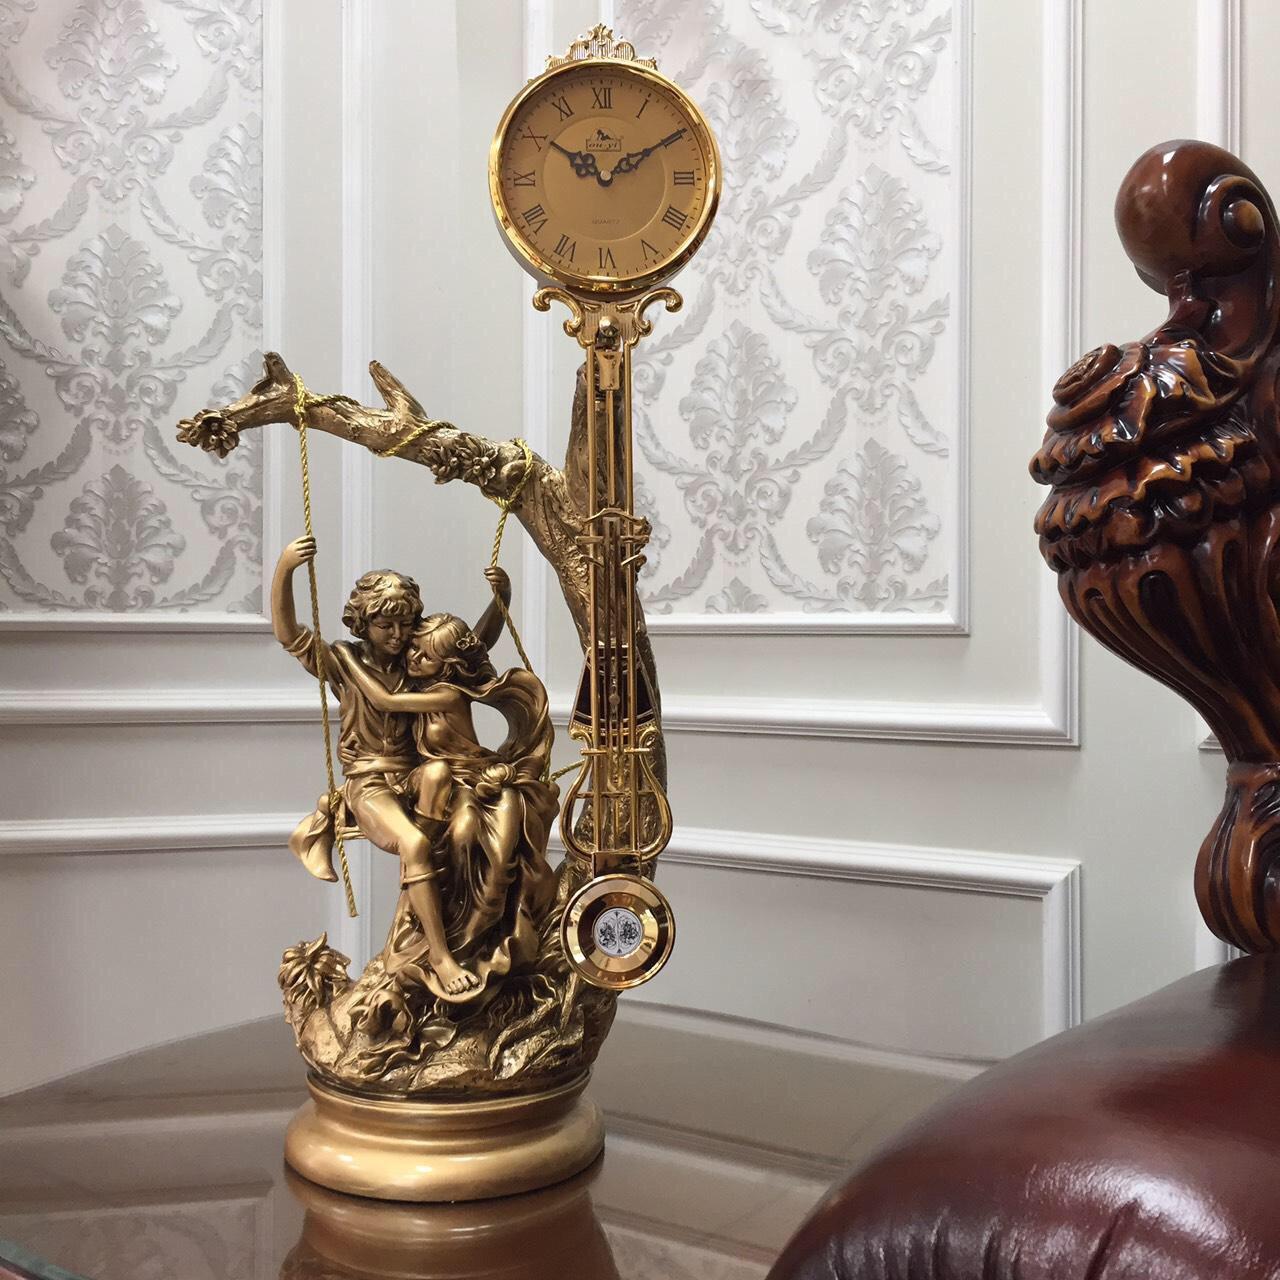 Đồng hồ quả lắc để bàn đồng và gỗ sồi DH100 - Đồng hồ để bàn cổ điển đẹp sang trọng kích thước  36 x 78 cm để kệ tủ trang trí phòng khách nhà ở.